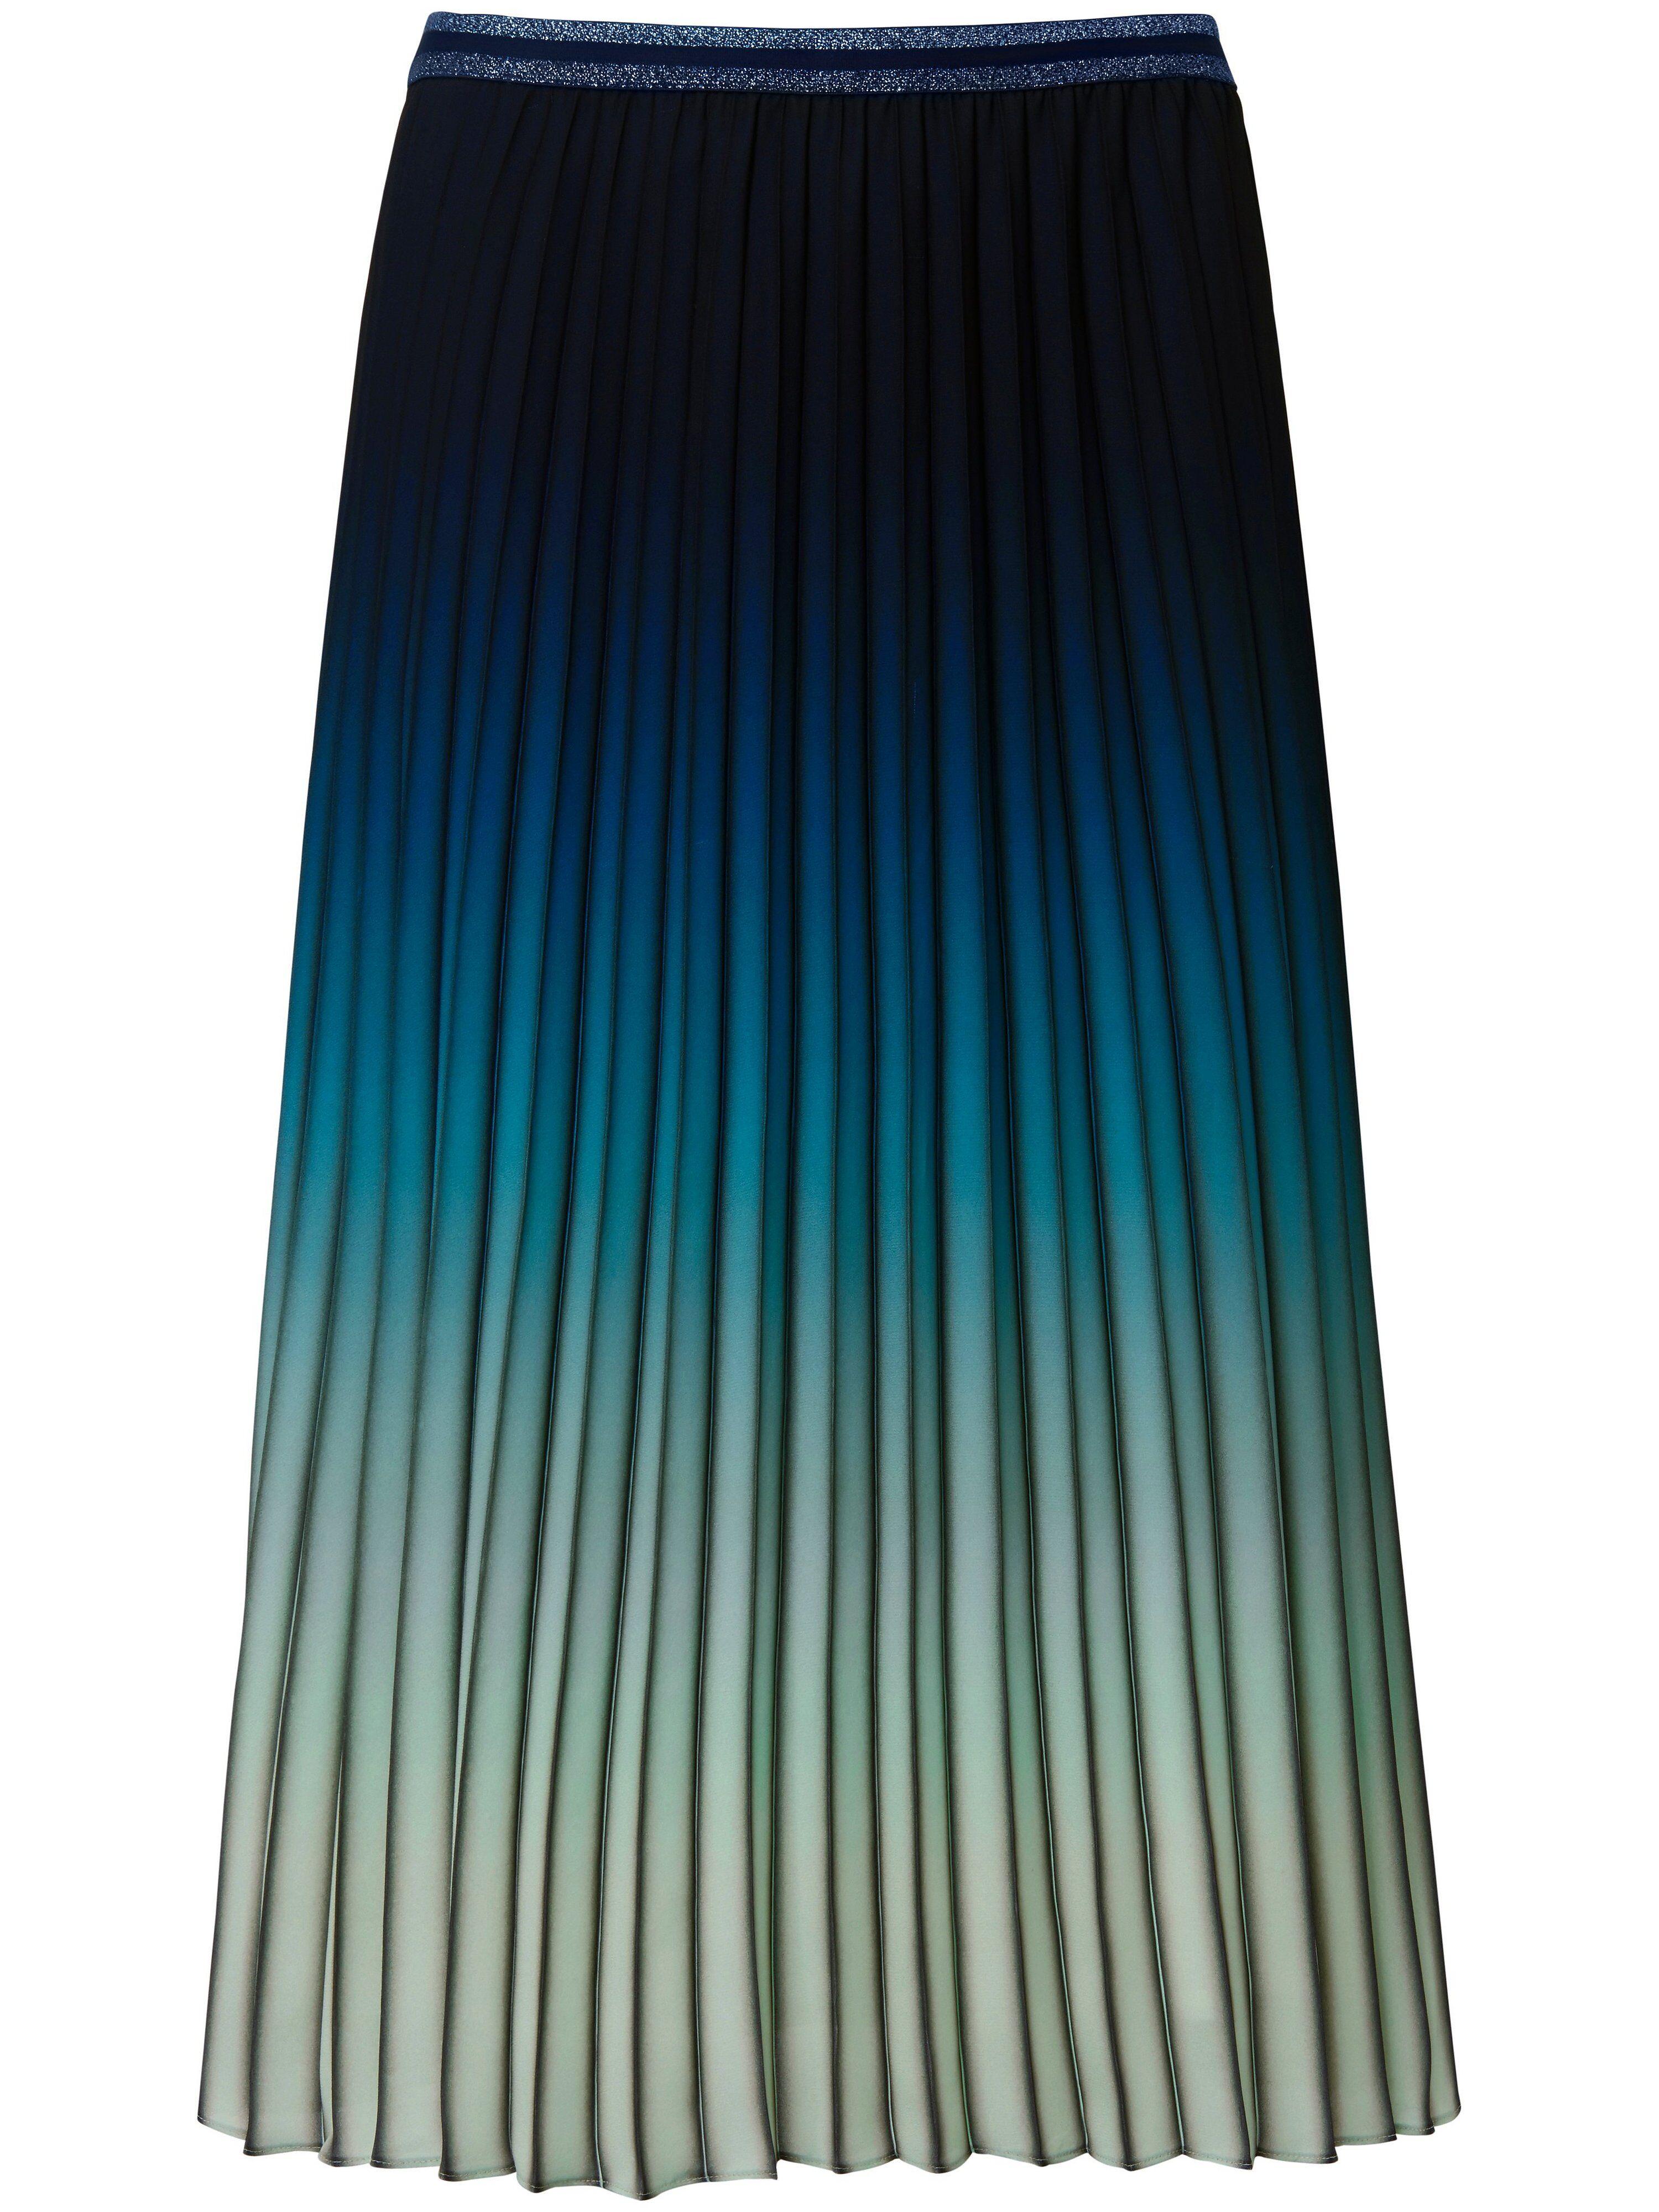 Basler La jupe plissée ligne ample  Basler bleu  - Femme - 42